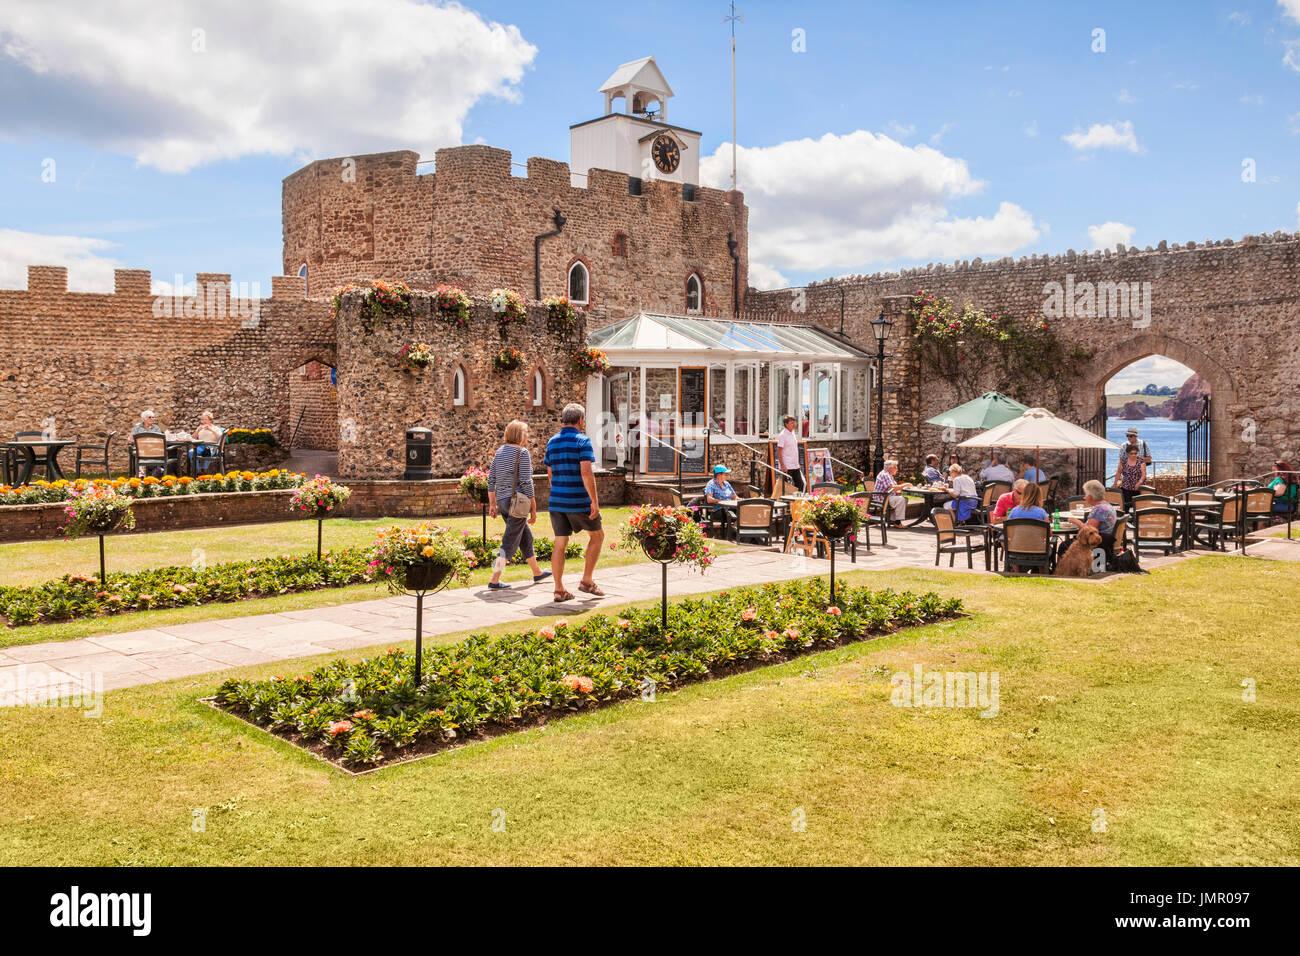 El 3 de julio de 2017: Sidmouth, Dorset, Inglaterra, Reino Unido - Cafe en Connaught jardines en un día soleado de verano. Imagen De Stock